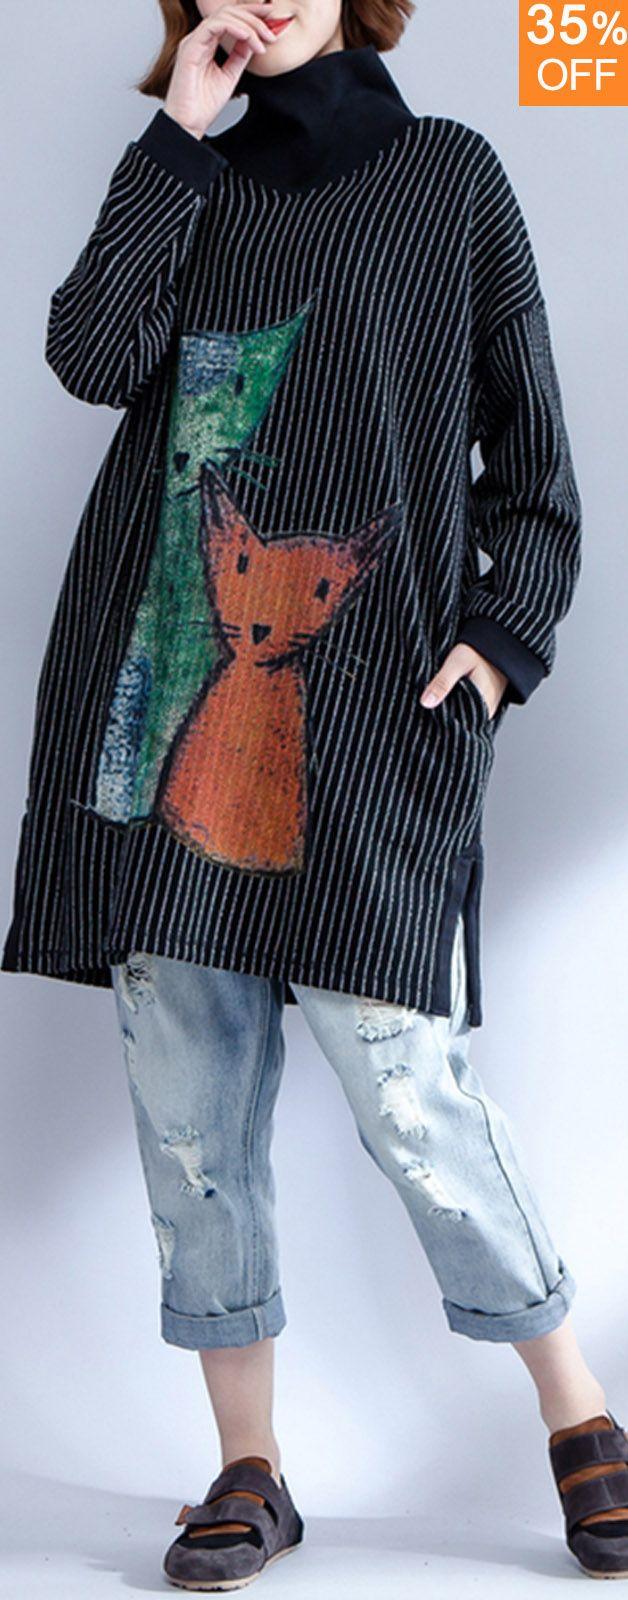 Plus Size Casual Women Cat Plaid Printed Batwing Sleeve Sweatshirts. Loose Style, Casual Style, Long Sleeve, Batwing Sleeve. Color:Black. Size:M,L,XL,XXL,XXXL,XXXXL,5XL. Buy now! #women #plussize #2018